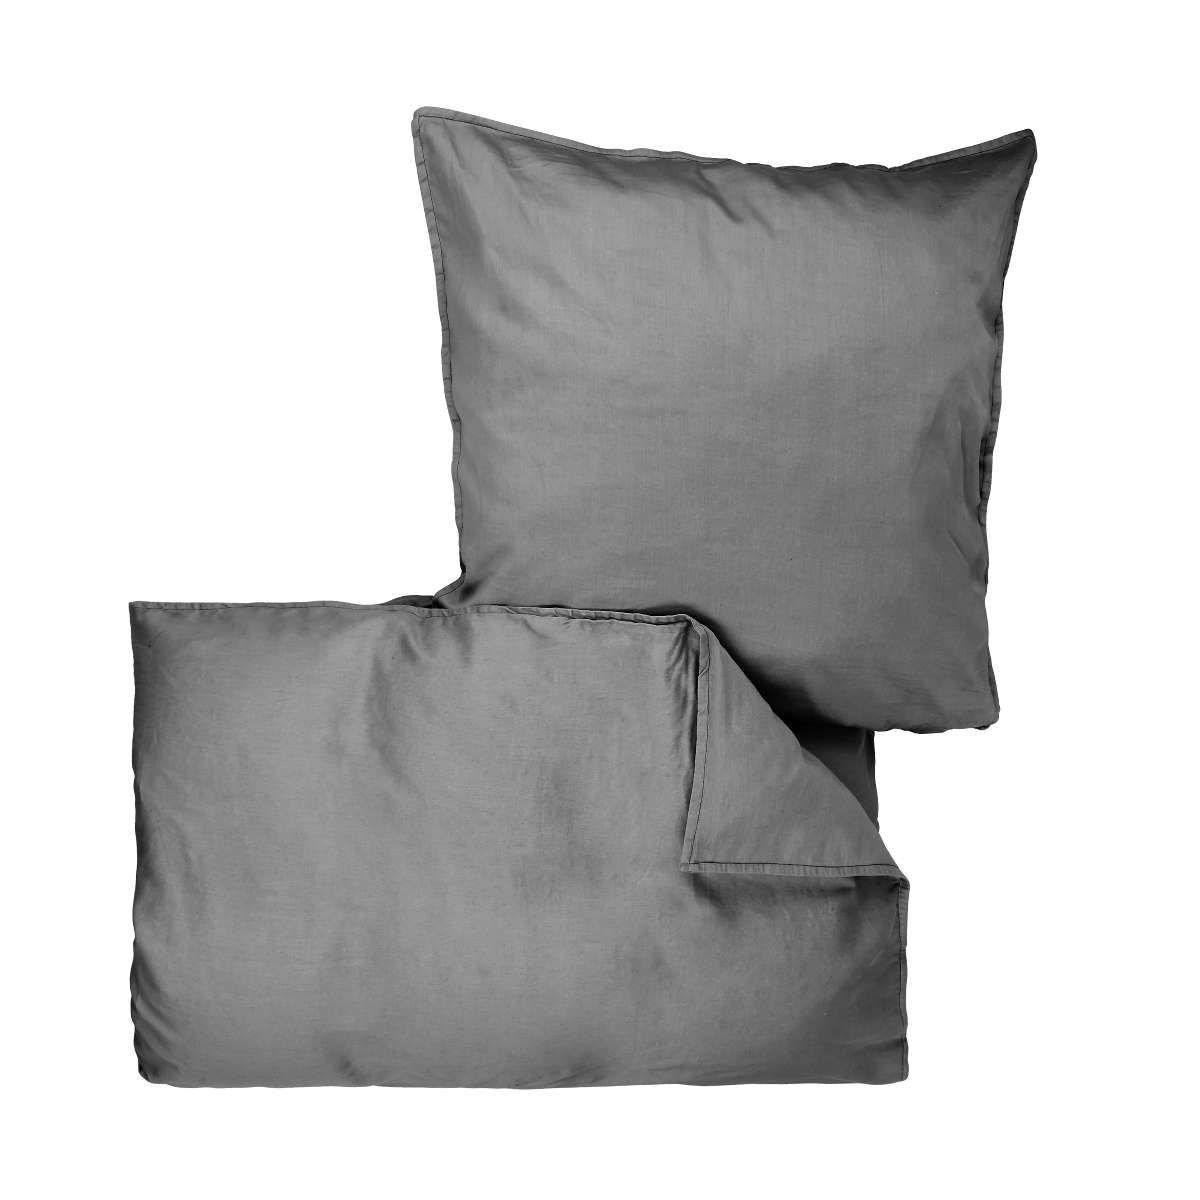 Seersucker Bettwäsche 135x200 Preisvergleich Die Besten Angebote